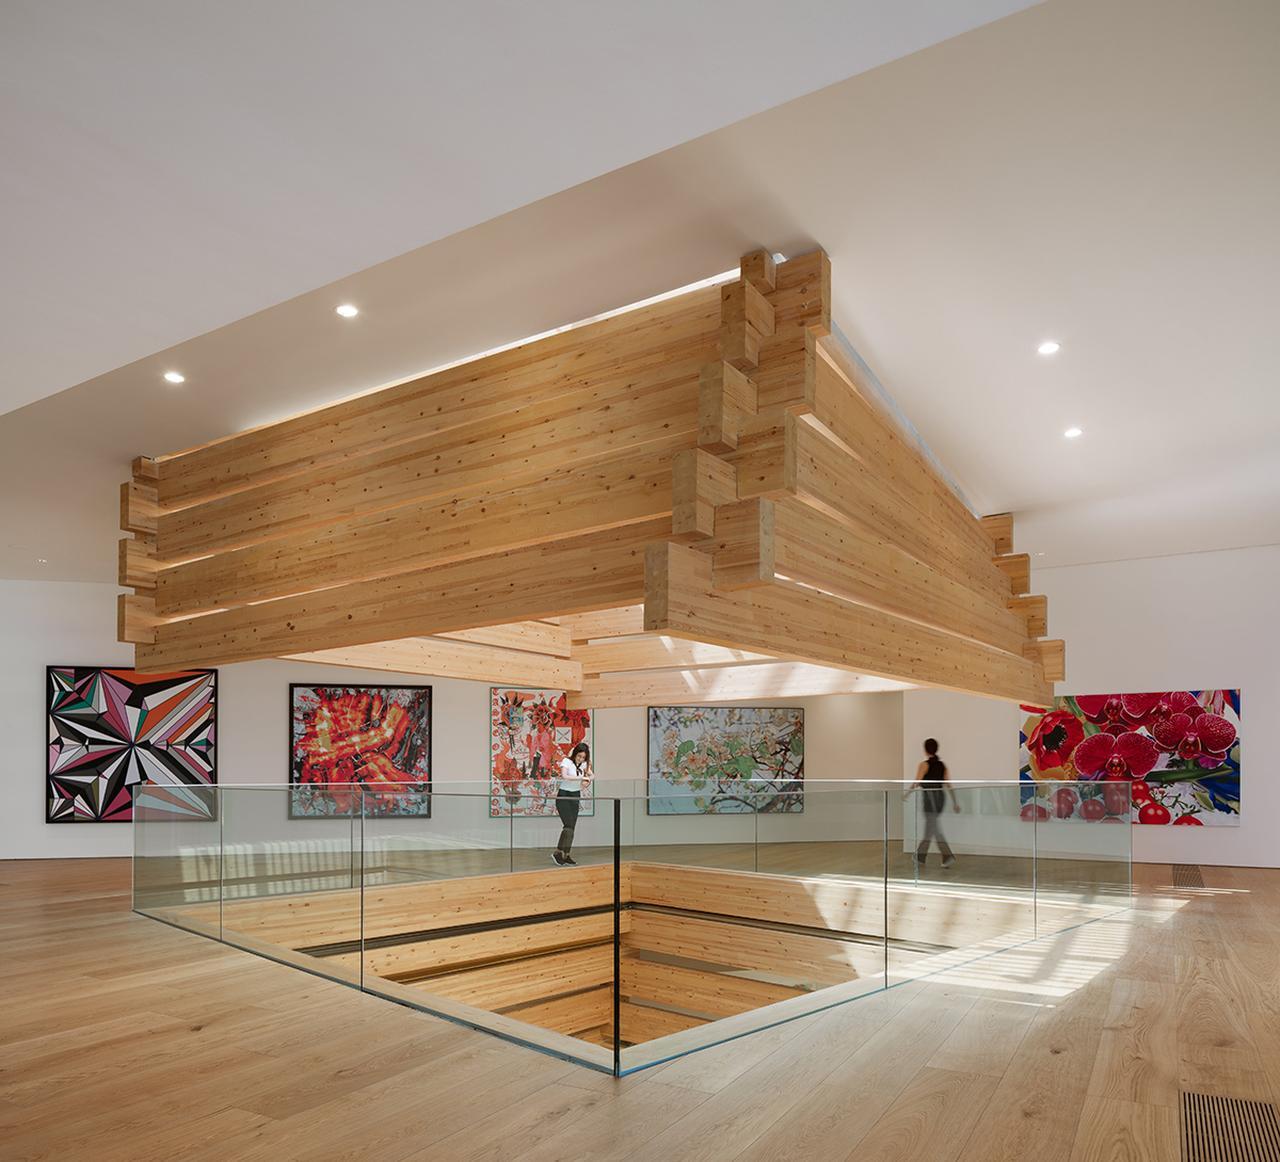 Images : 2番目の画像 - 「隈研吾の建築がトルコに出現。 オーナー、建築家、市民が、 未来を夢みる美術館」のアルバム - T JAPAN:The New York Times Style Magazine 公式サイト